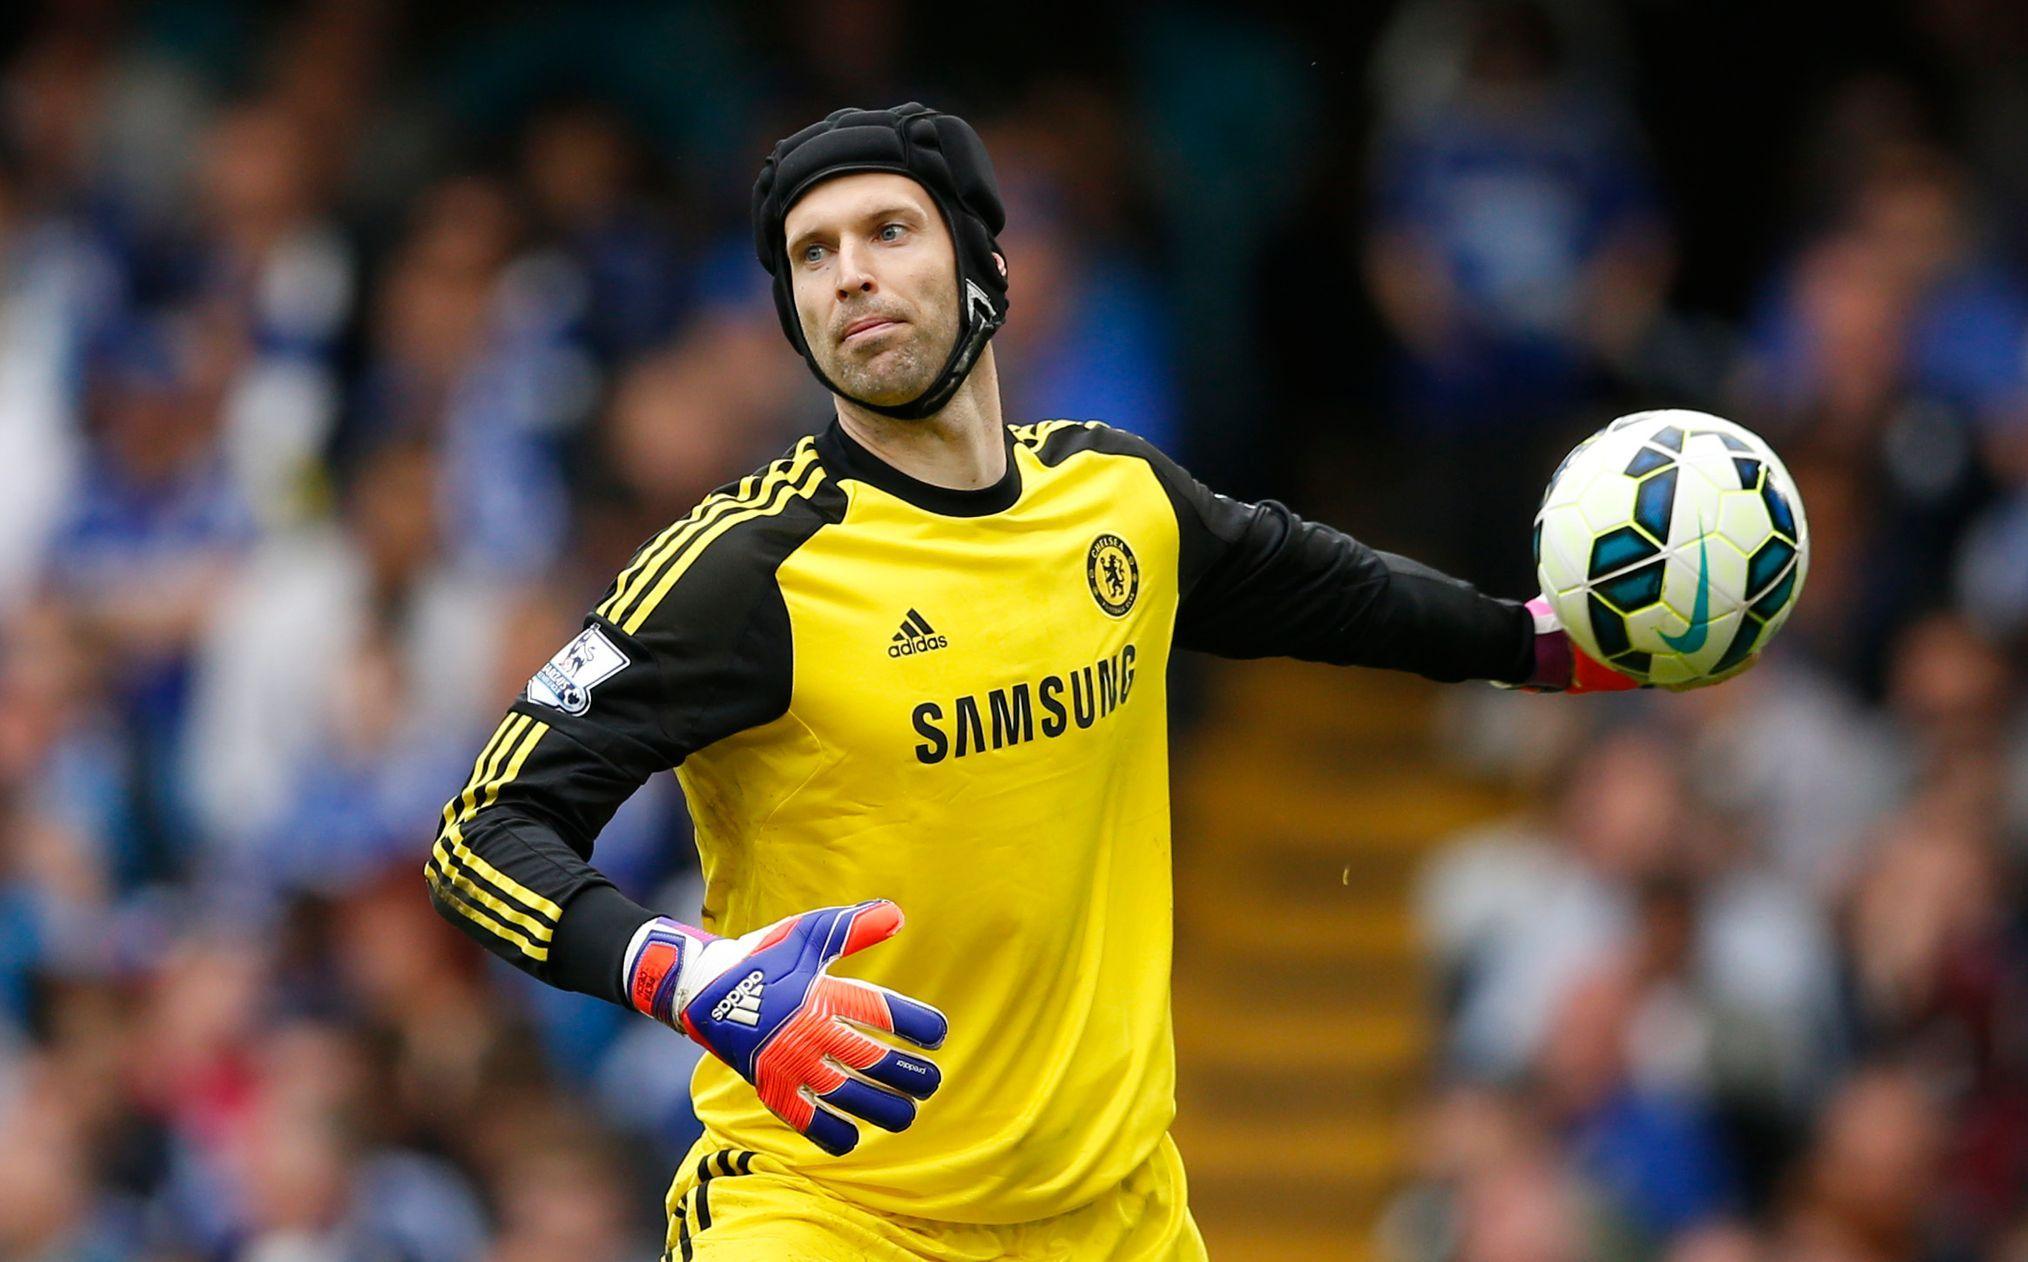 """Hned v brance najdeme českou stopu. Za United klidně mohl chytat Petr Čech. """"Jezdil jsem se na něj dívat, když působil v Rennes. V tu dobu mu bylo 19 a já jsem si řekl: Je moc mladý,"""" prozradil Ferguson později. Mýlil se. Čech vzápětí přestoupil do Chelsea, kde udělal fantastickou kariéru."""